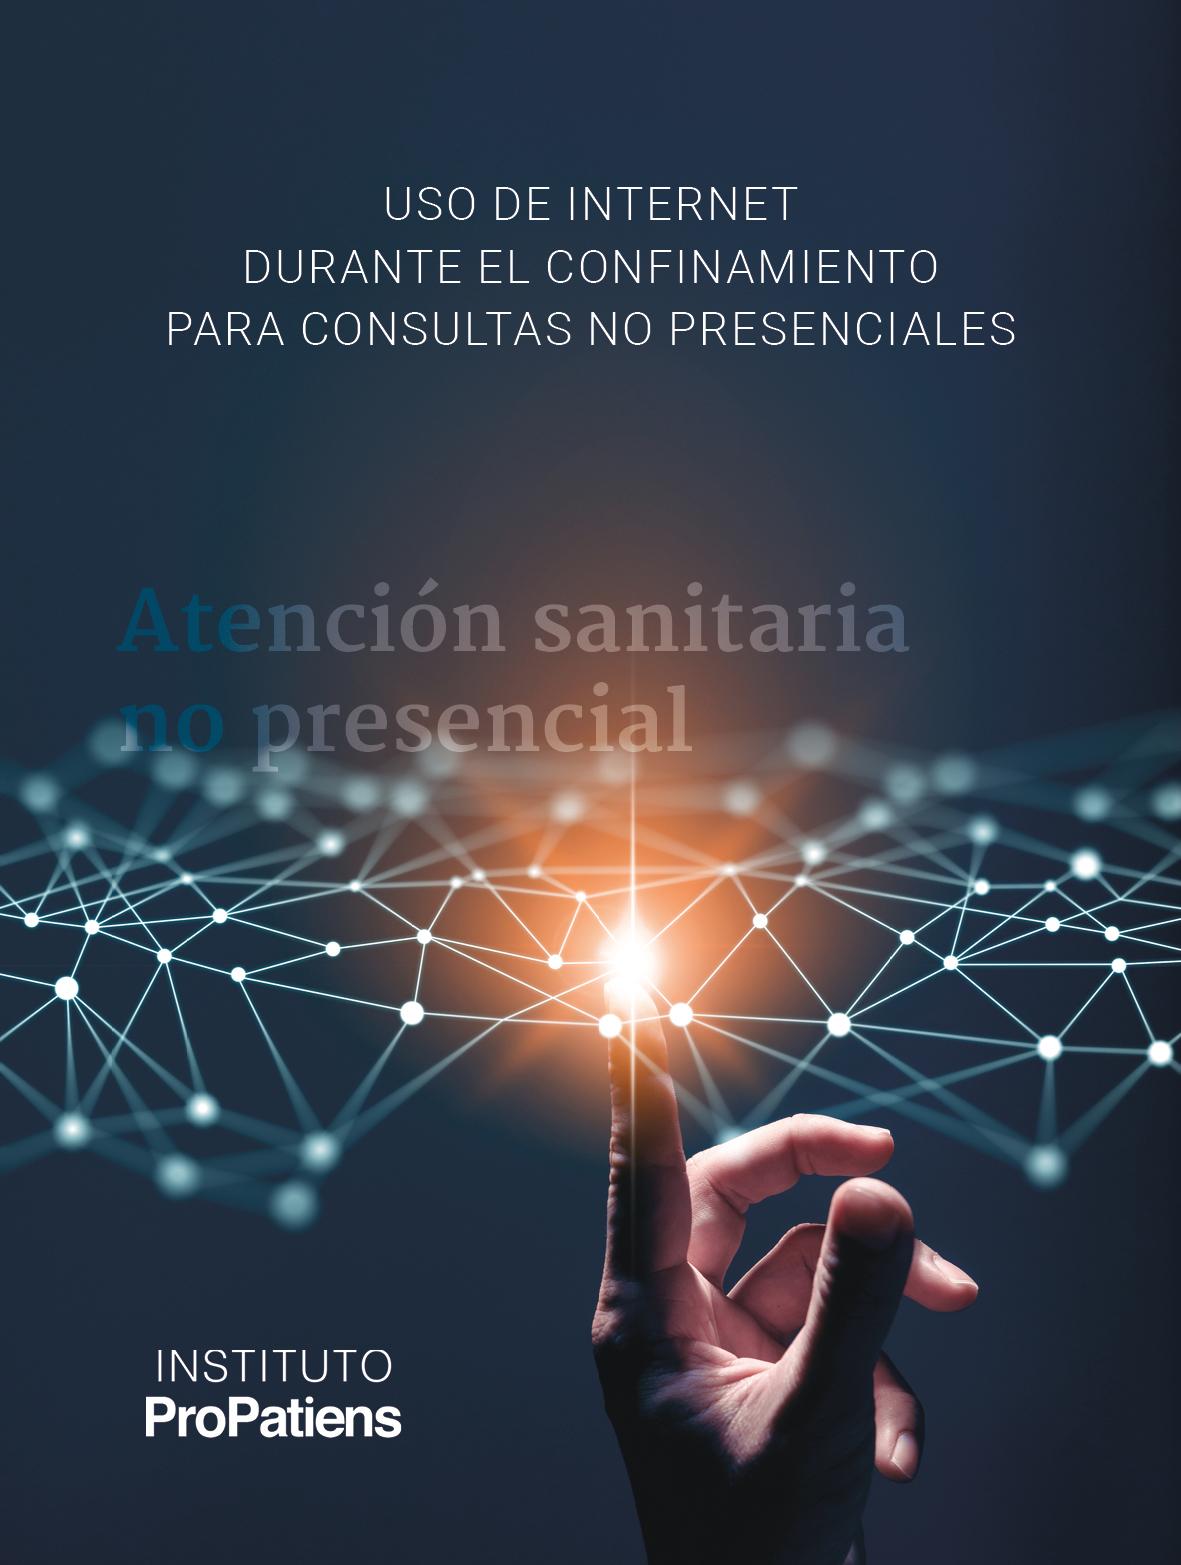 PortadaEbook Telemedicina Pandemia Coronavirus - Casi el 30% de los pacientes crónicos se benefició de la telemedicina durante el confinamiento